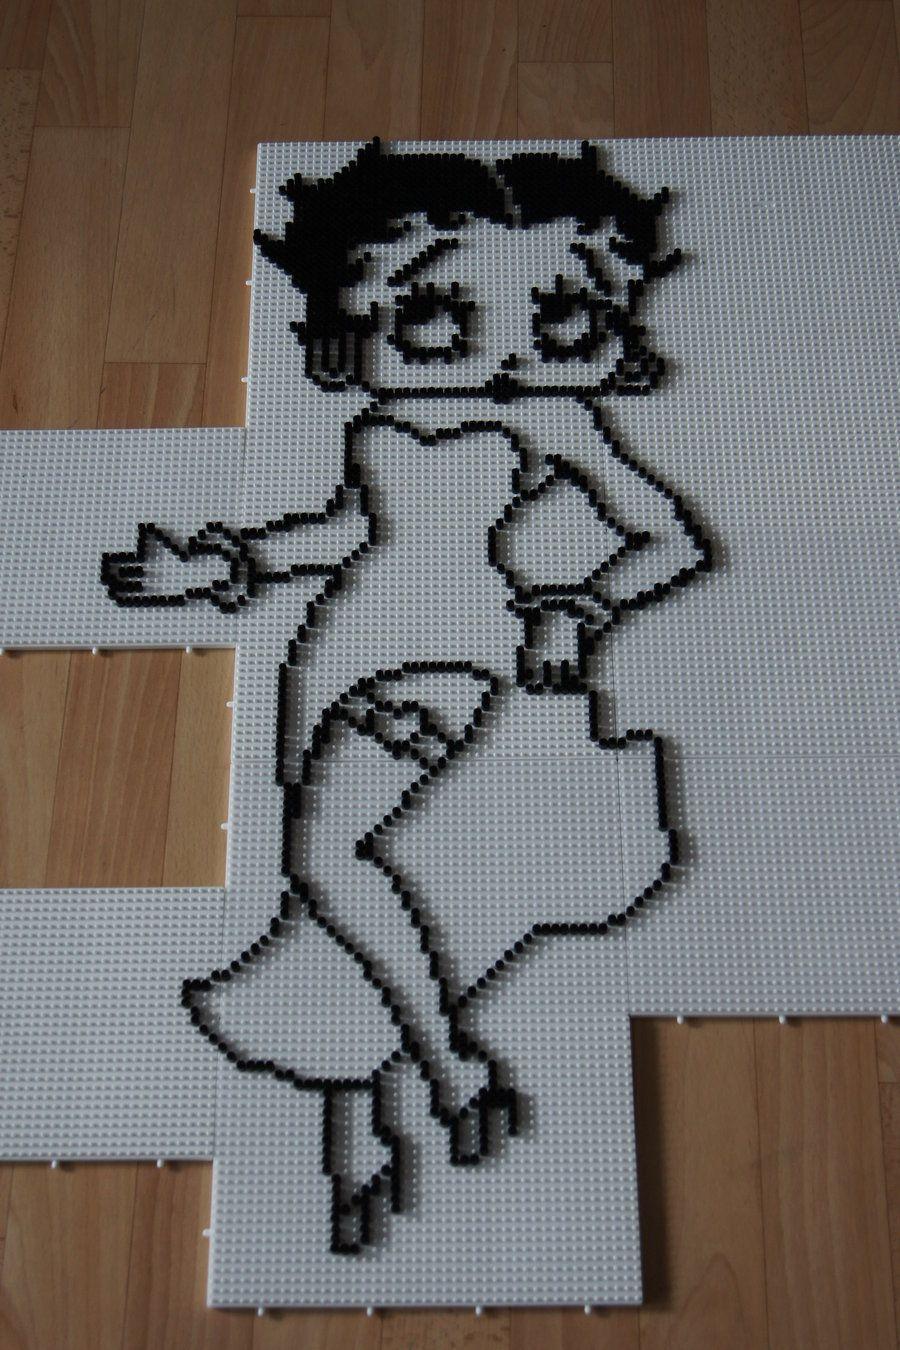 Betty Boop Project perler beads by Ckchriss on deviantart